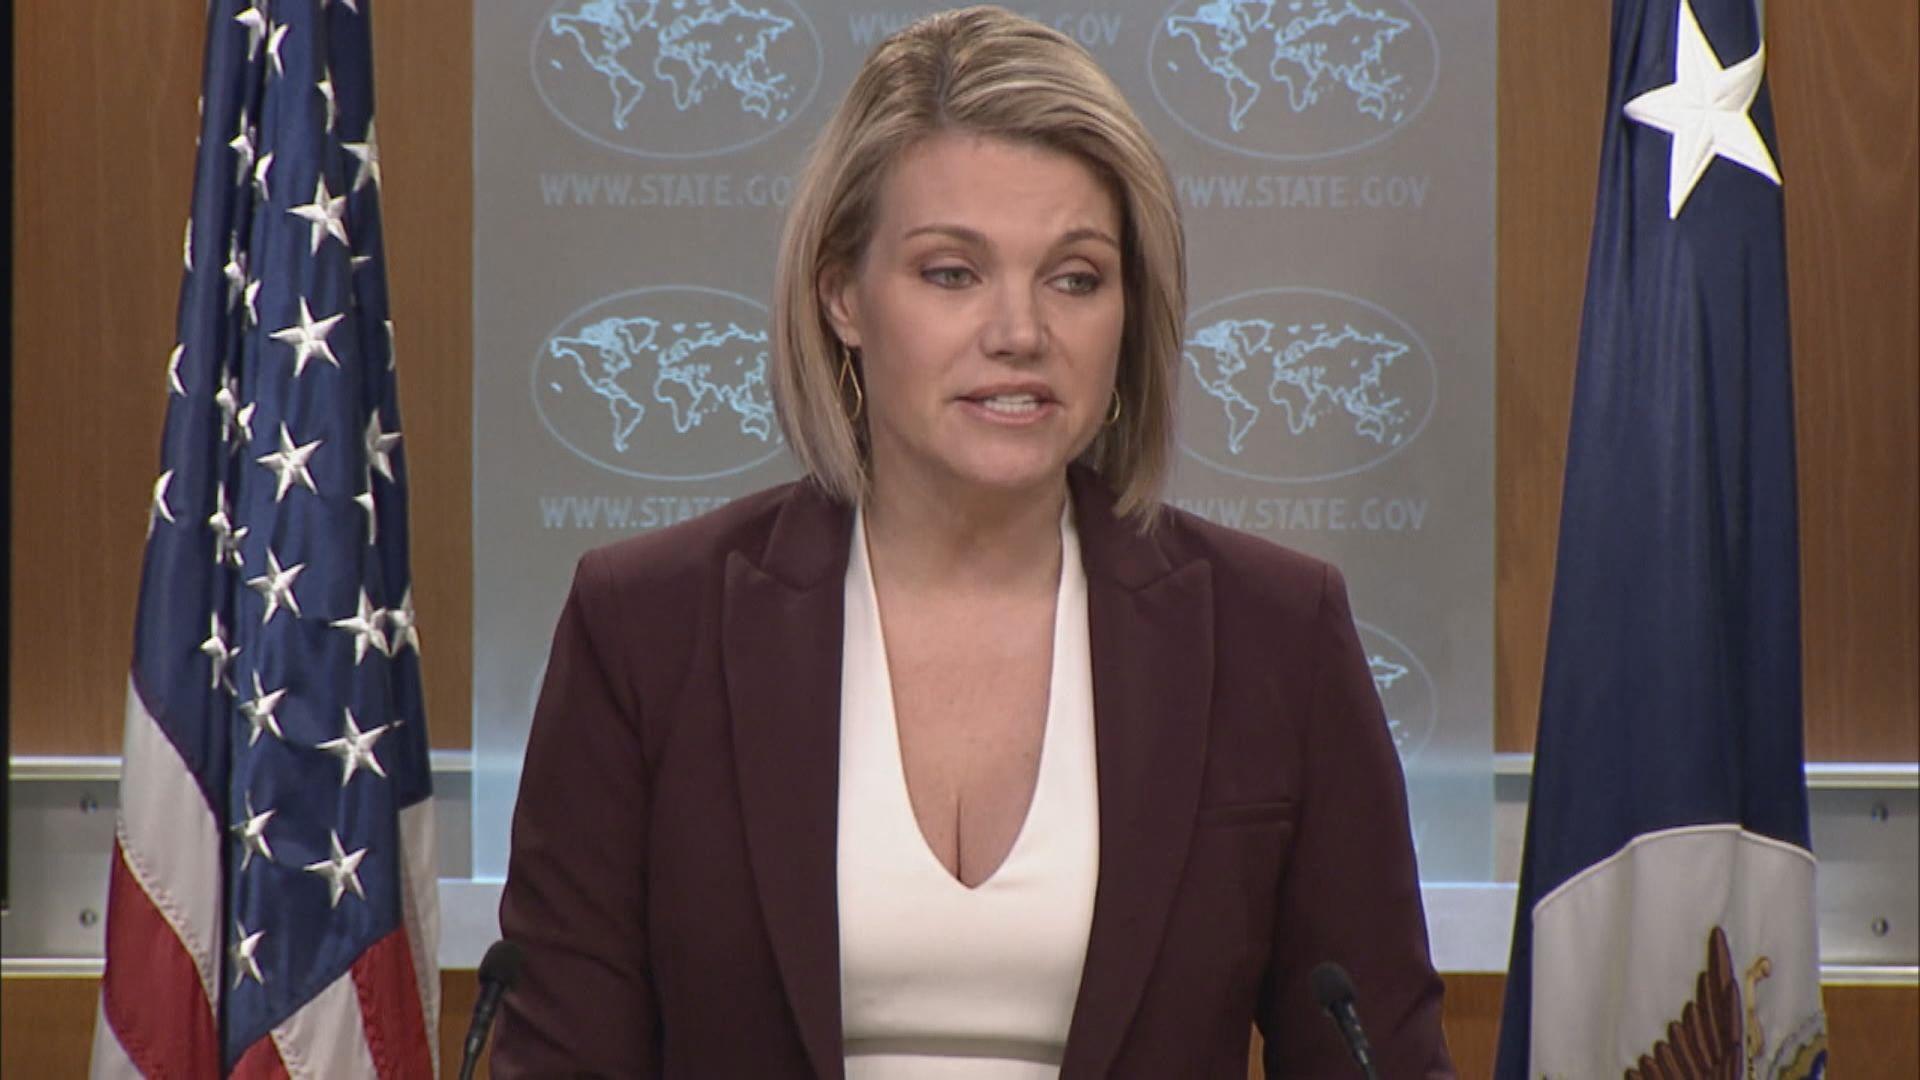 傳諾爾特獲提名任美國駐聯合國代表